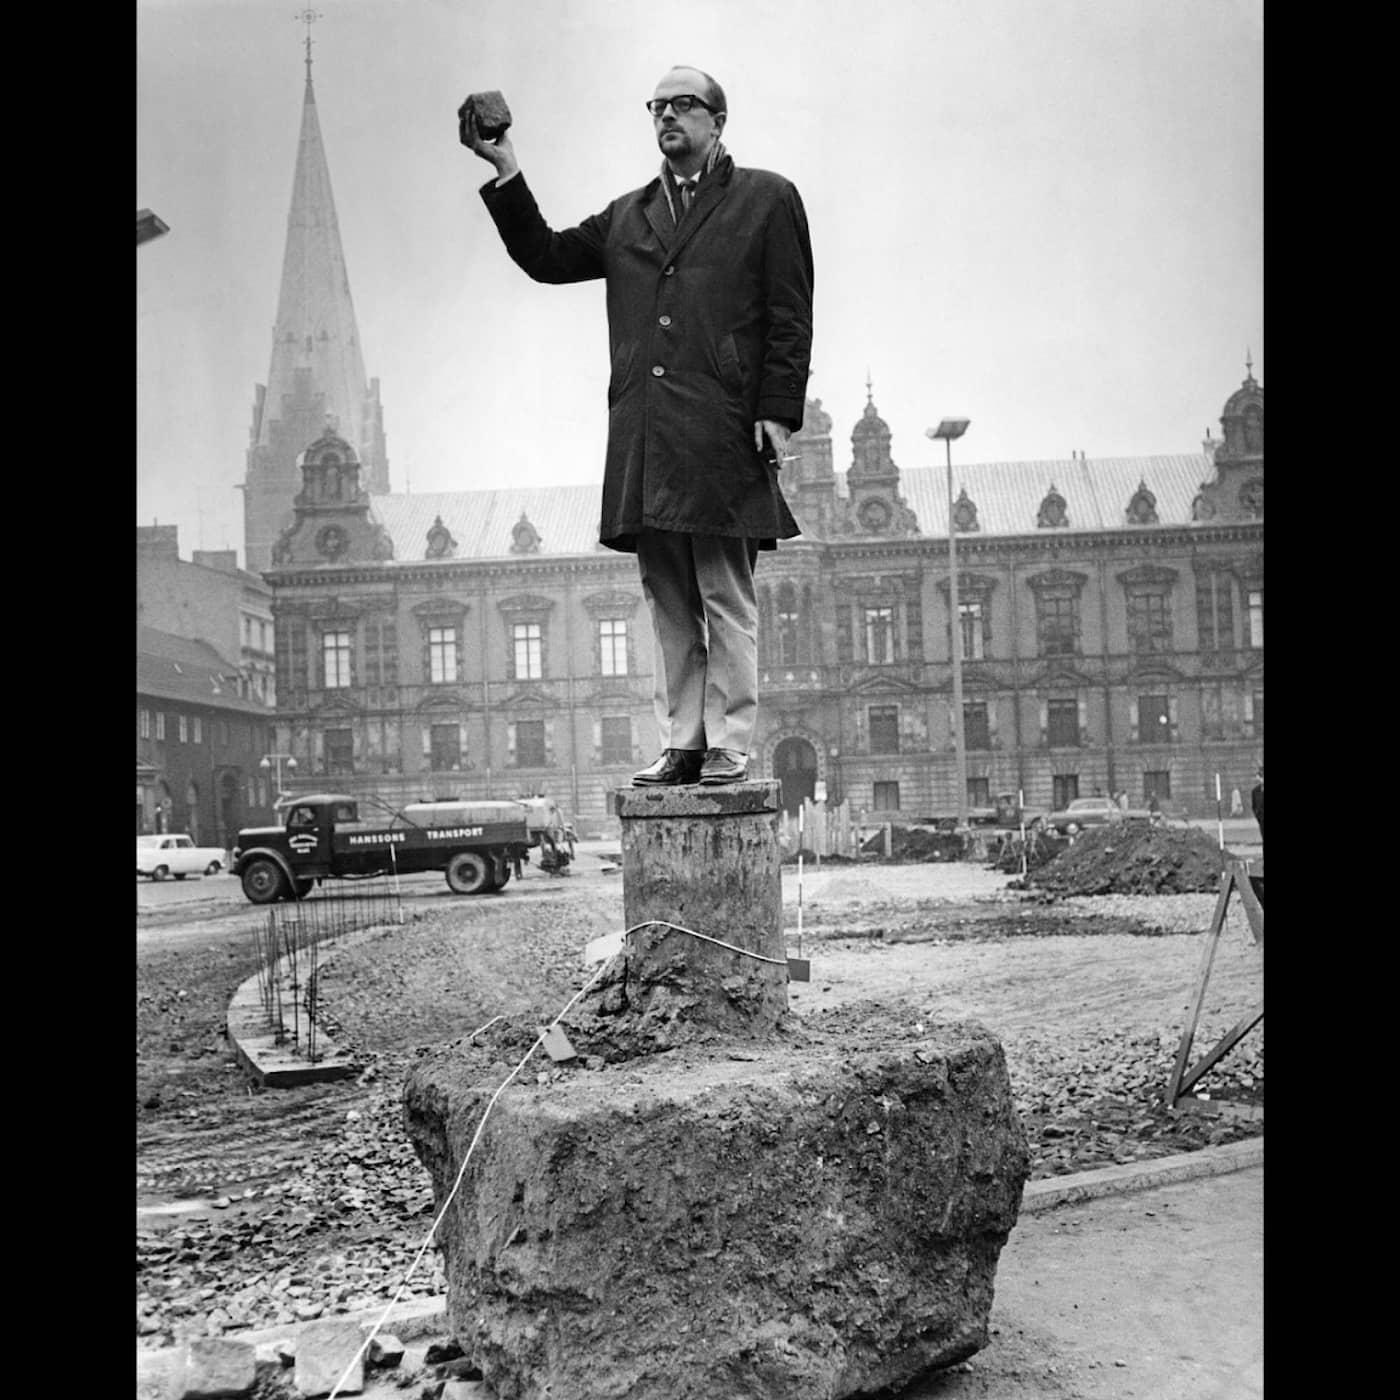 Radiofynd: Blå Tummen – den sjuka humorn gör entré 1958